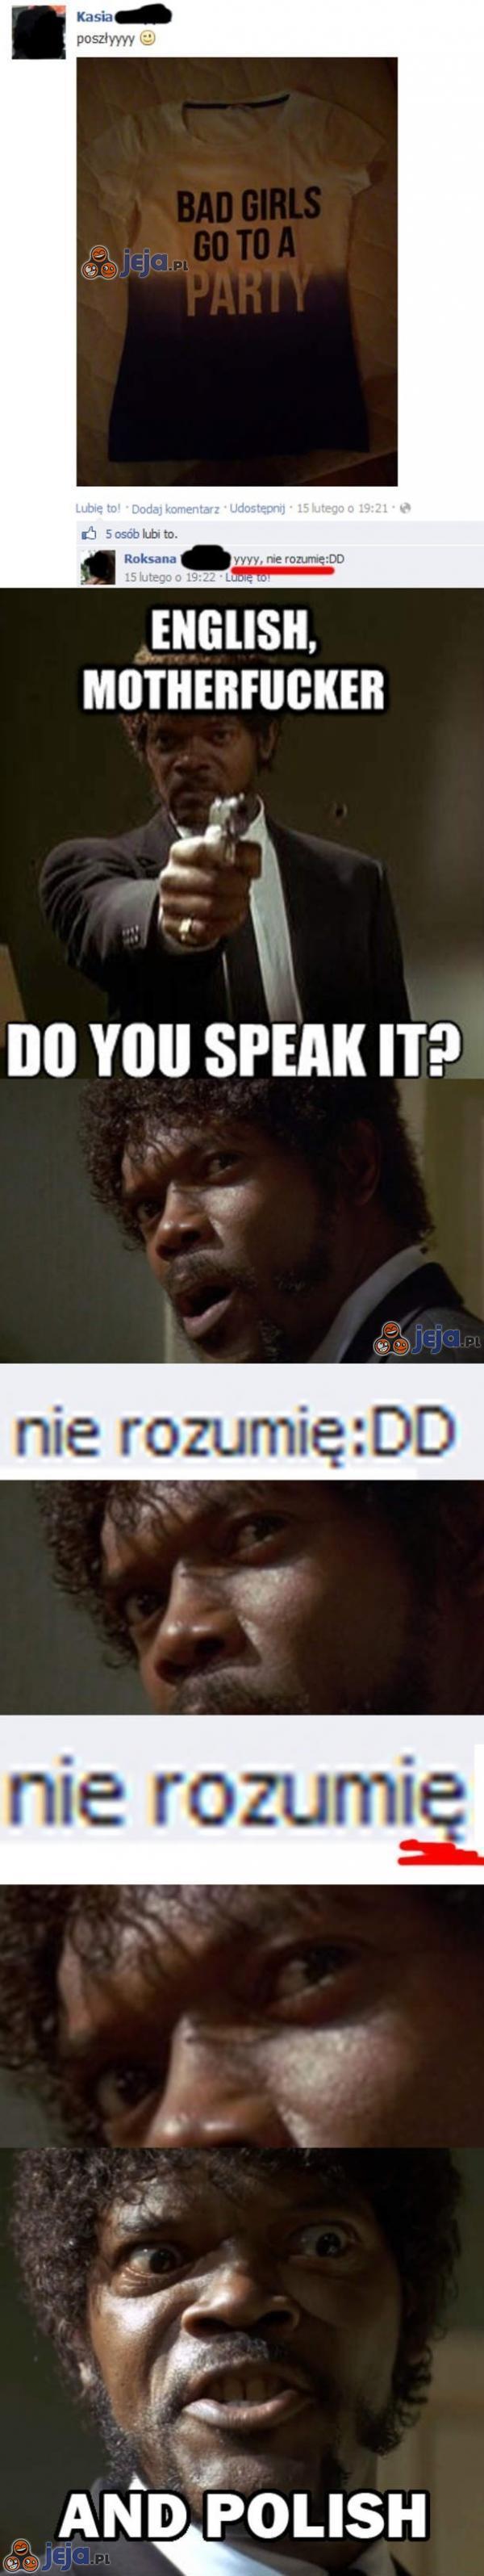 Do you speak it?